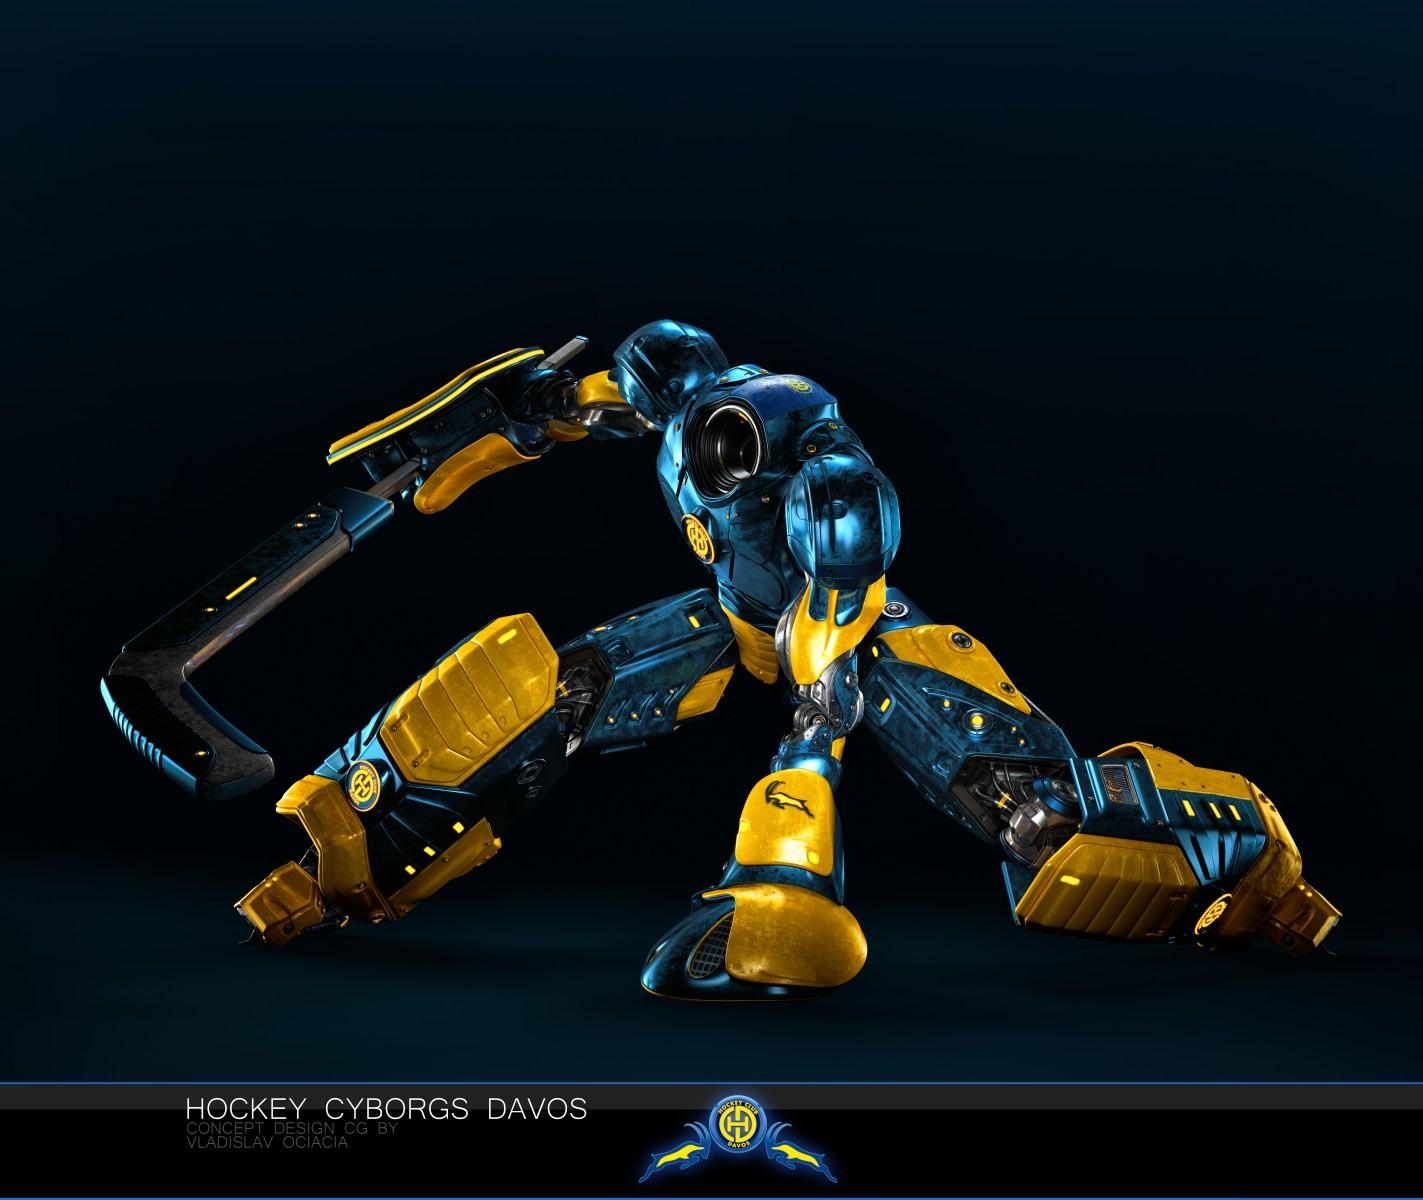 Vladislav ociacia hockey player robots 17